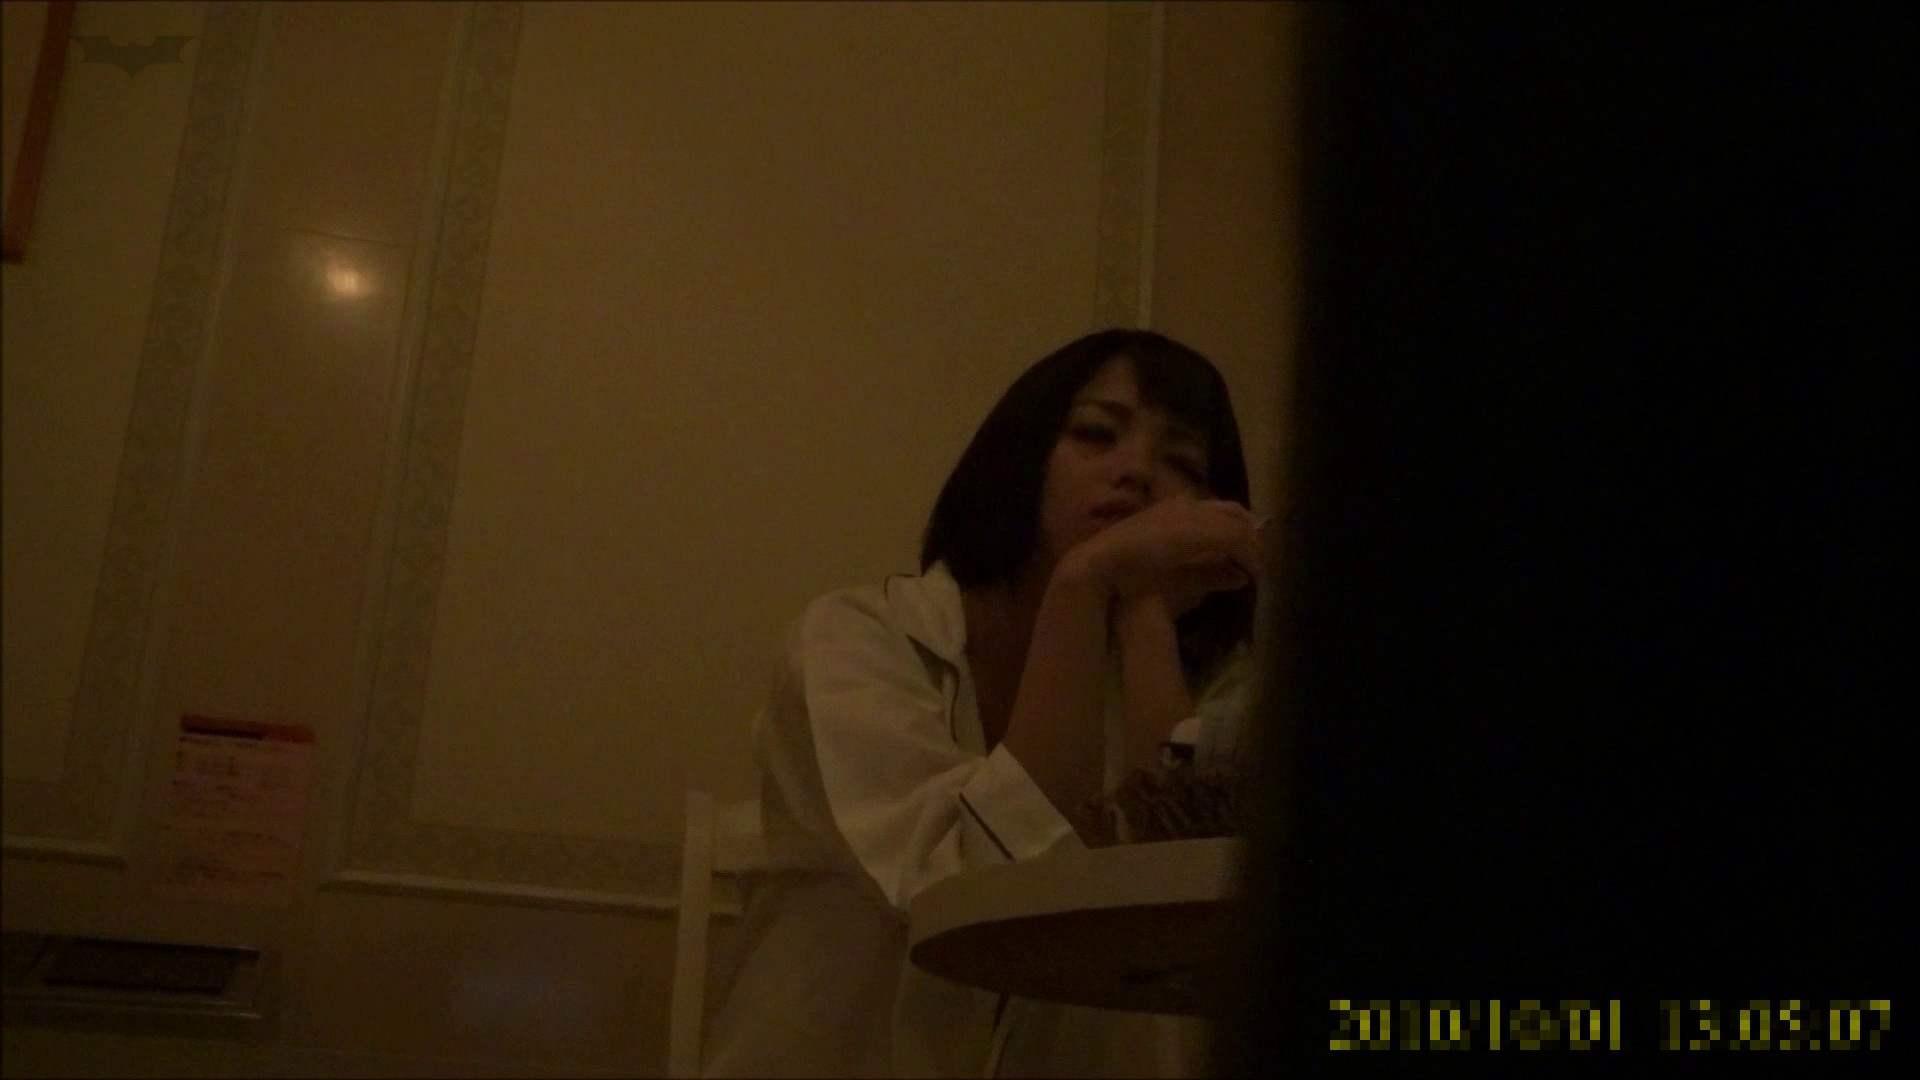 【未公開】vol.96 {茶髪→黒髪ギャル}美巨乳アミちゃん③【前編】 OLハメ撮り  83Pix 9